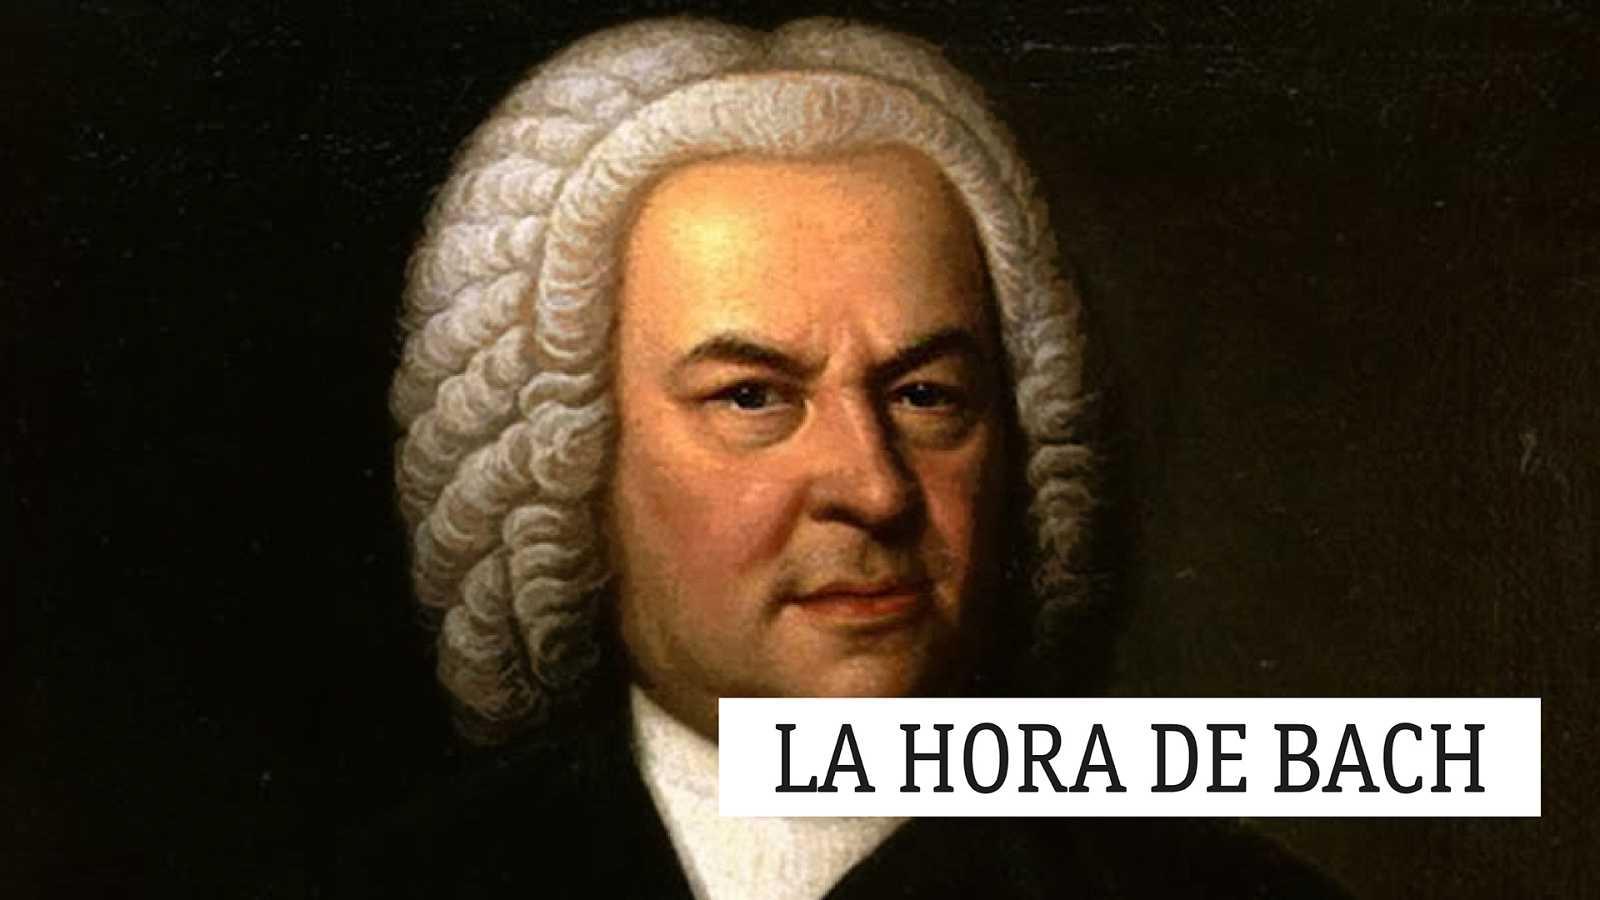 La hora de Bach - 08/05/21 - escuchar ahora